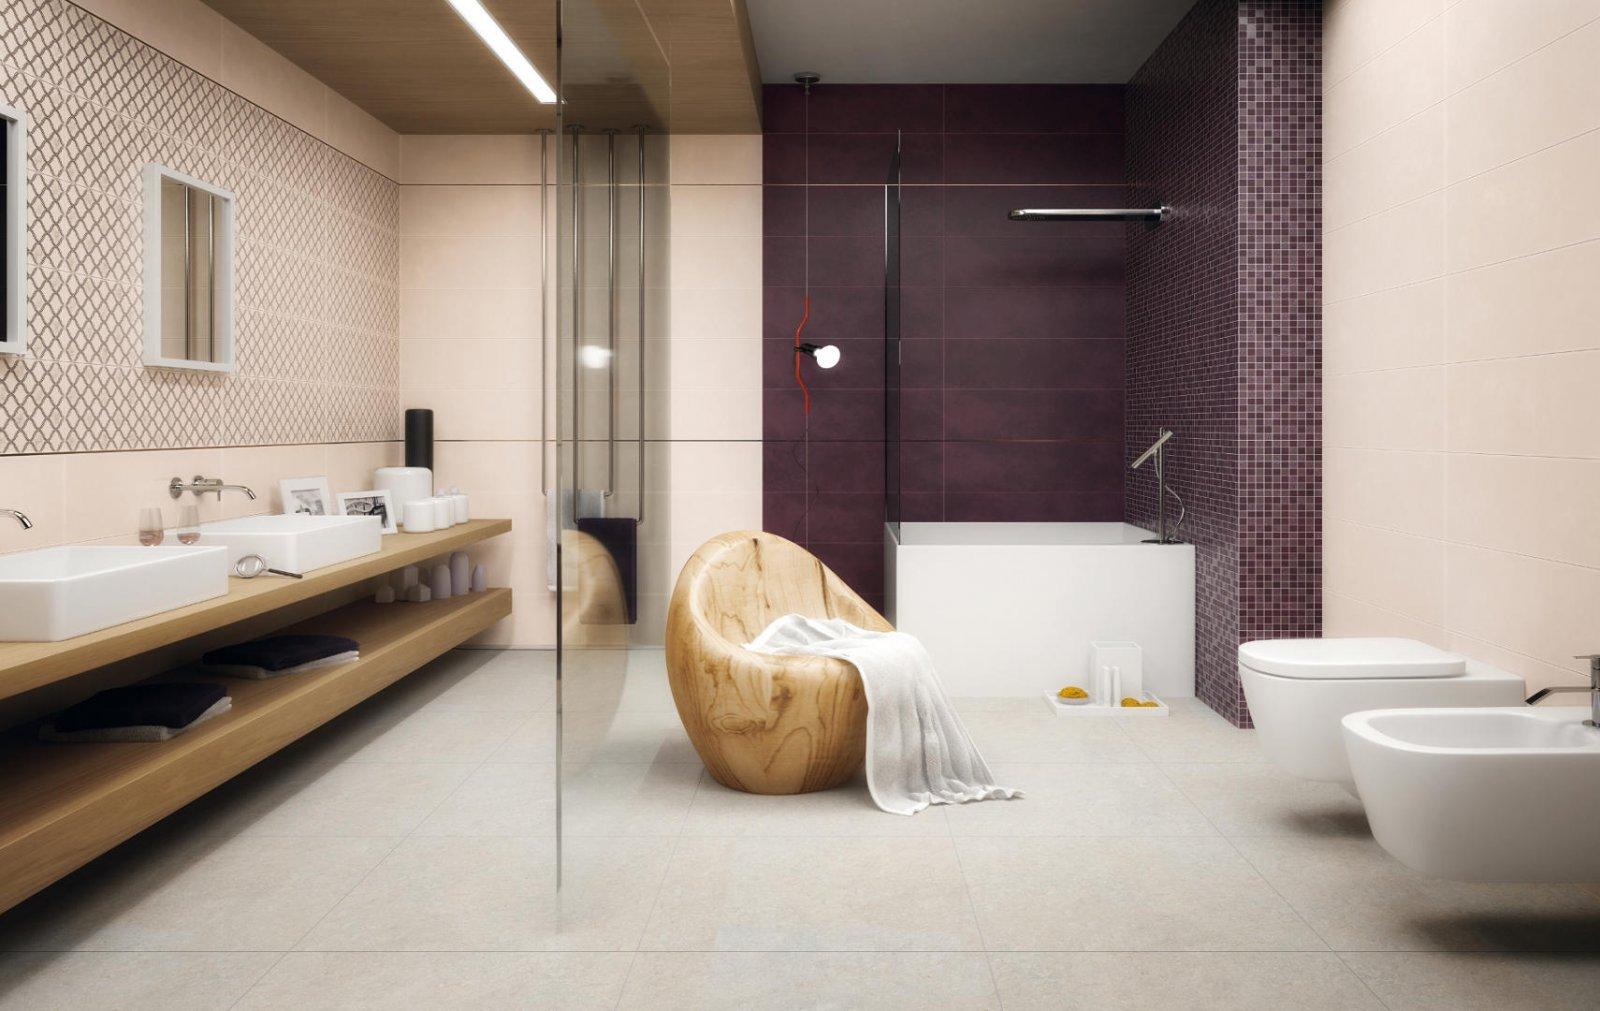 Imagenes de ba os actuales - Imagenes de cuartos de bano ...